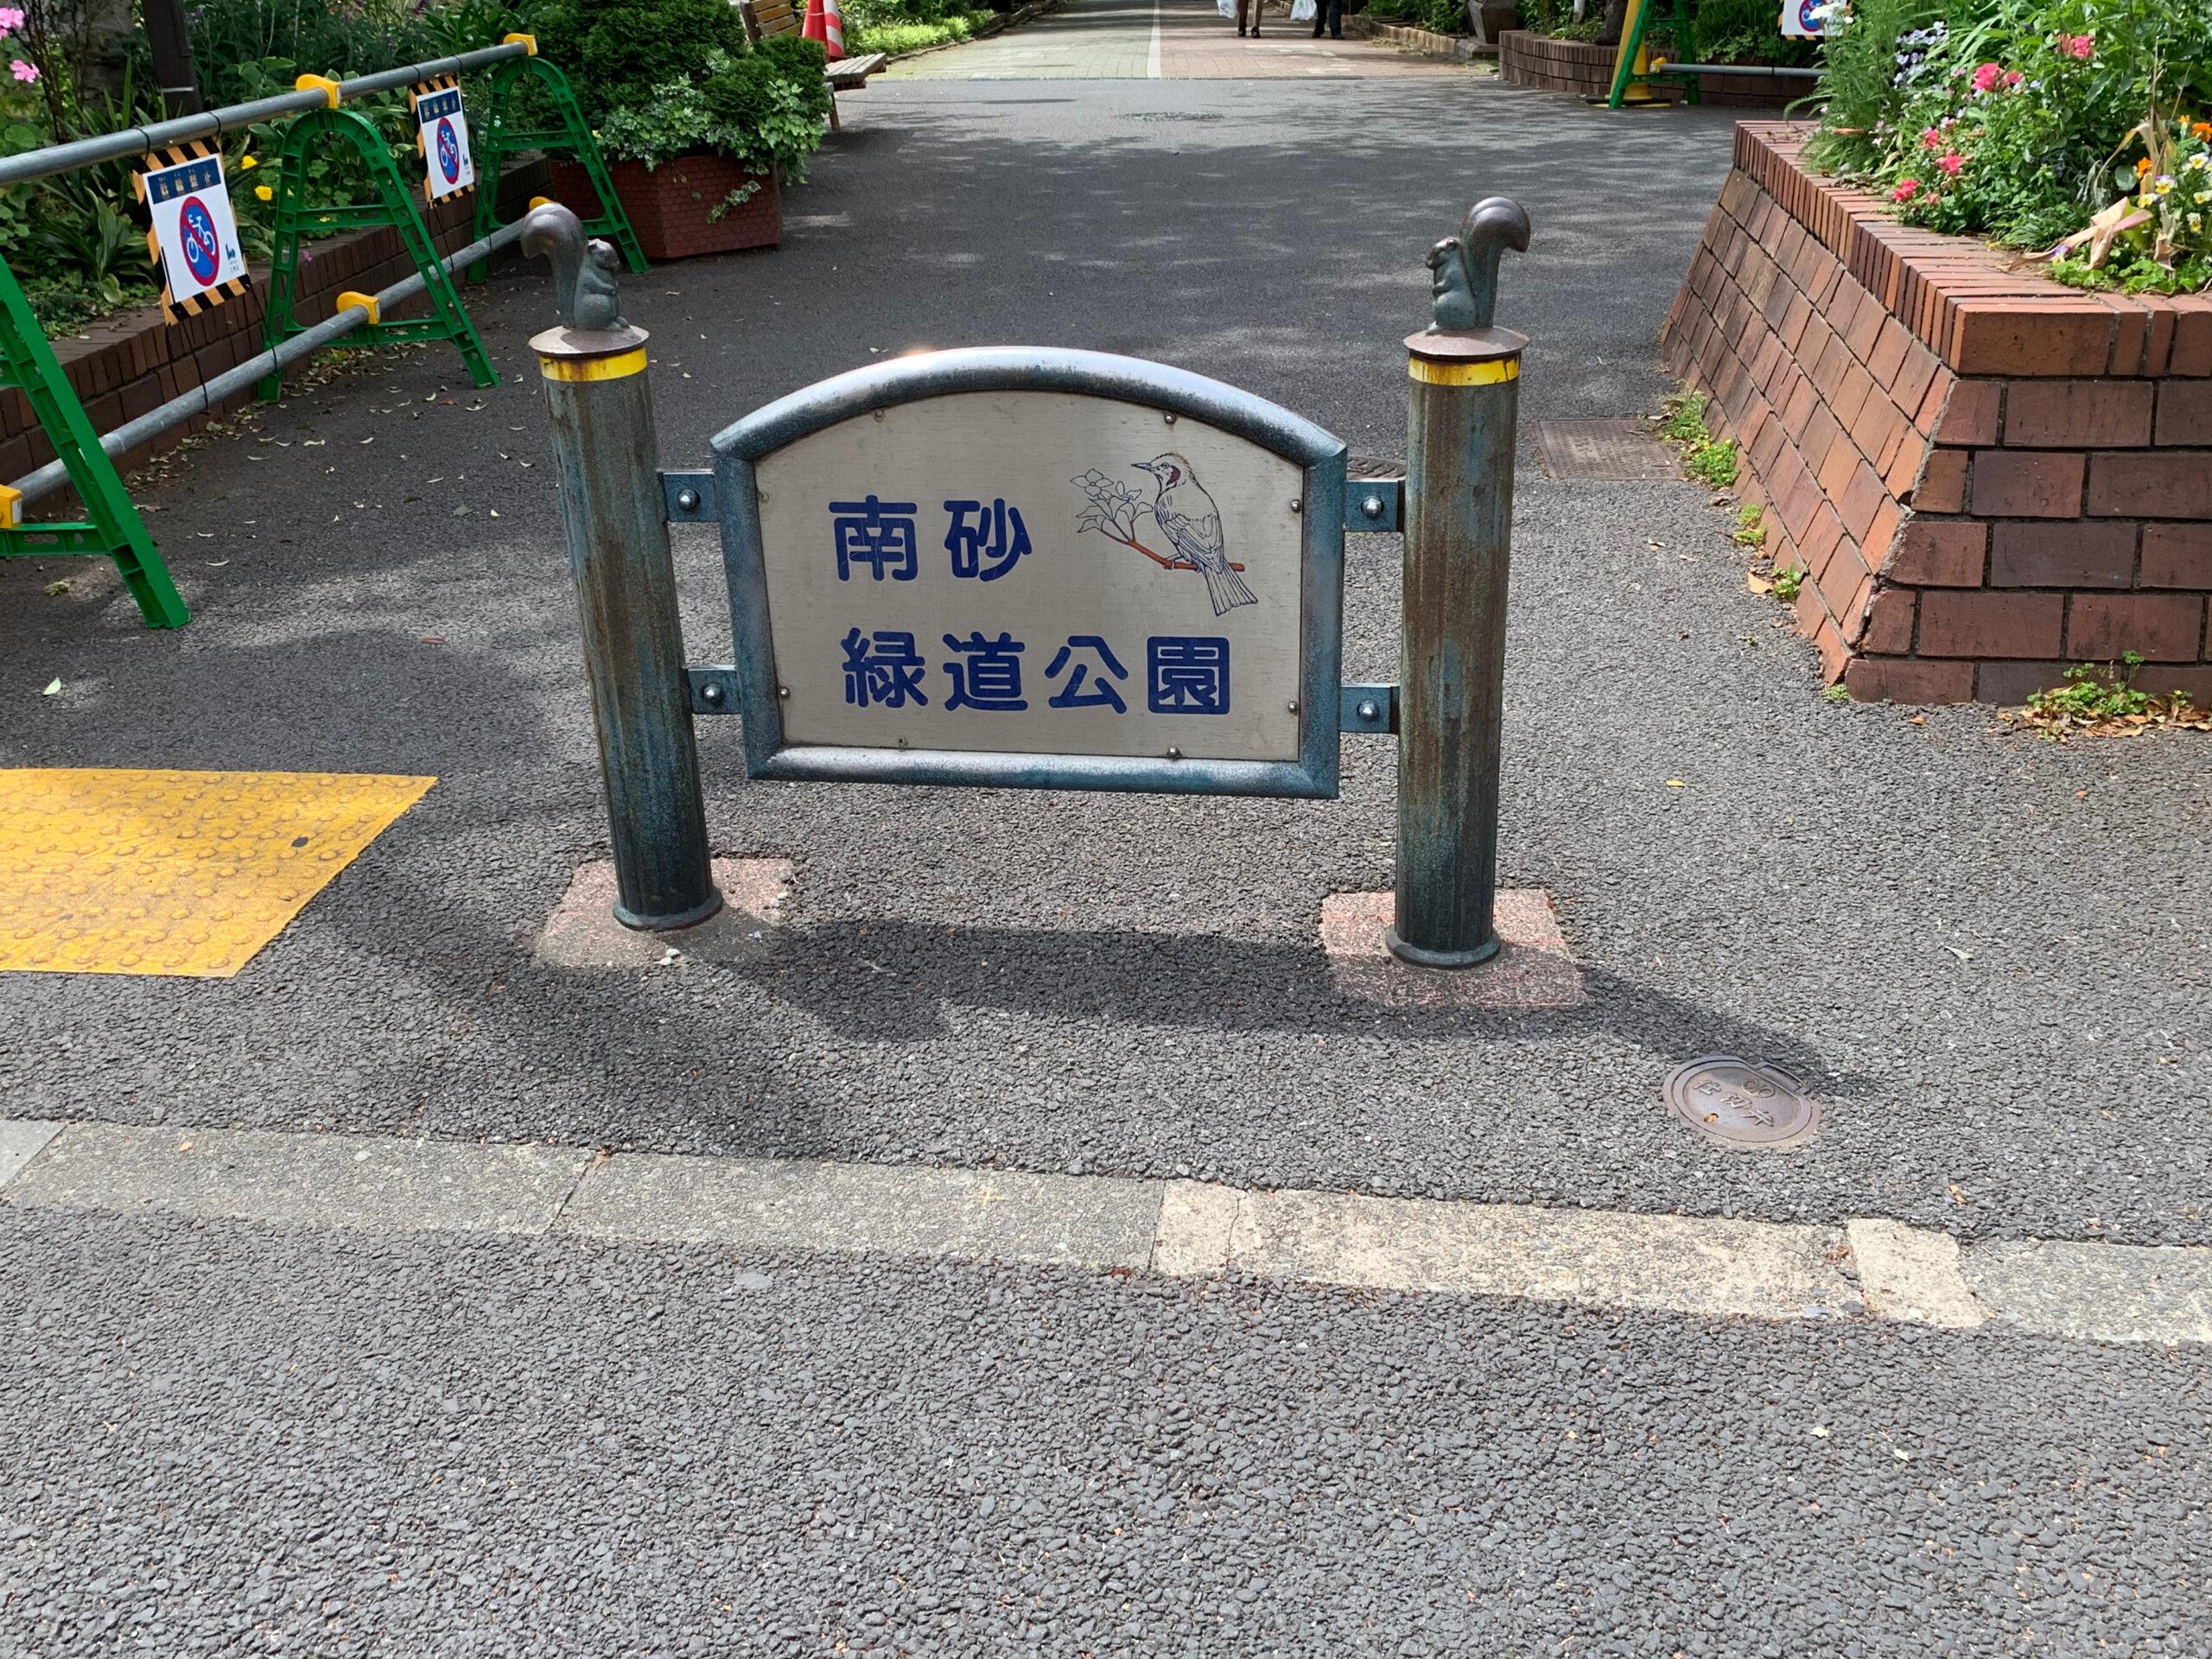 【江東区南砂緑道公園】暖かい春の陽気の中で緑豊かな公園内のランは心地良いです